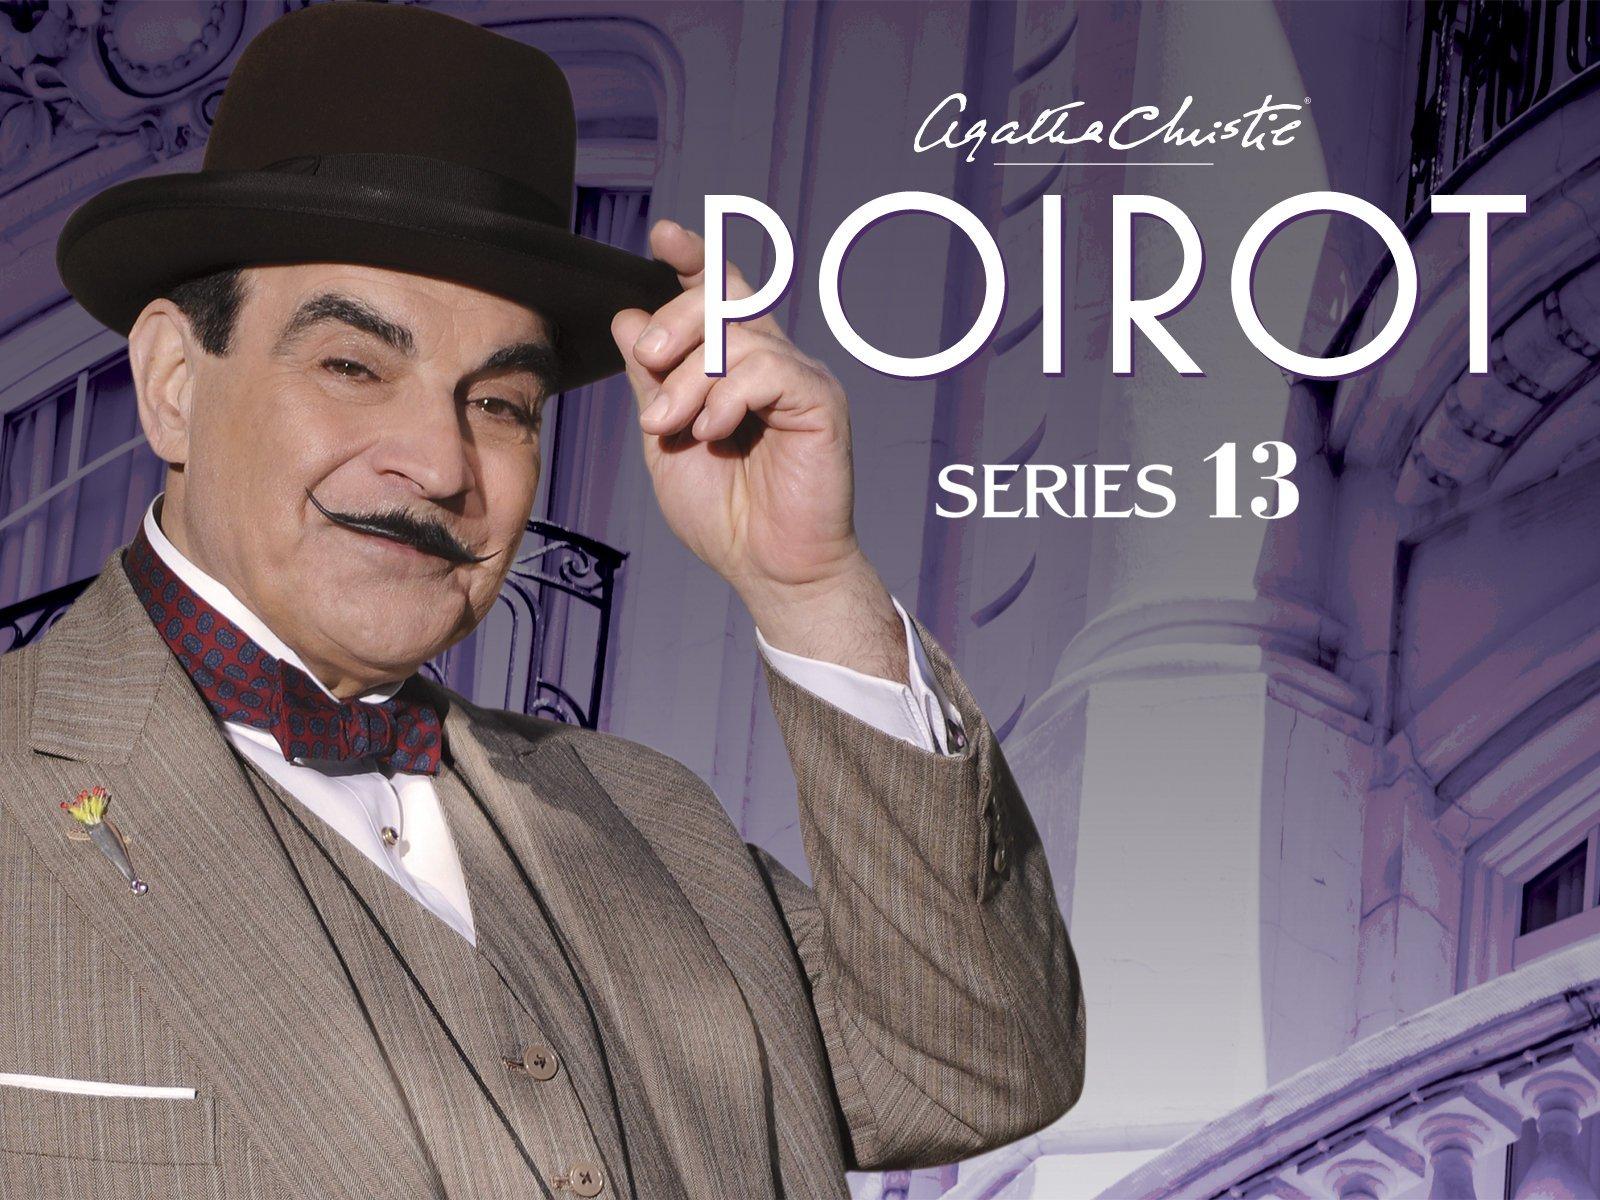 Amazon.com: Agatha Christie's Poirot, Series 13: David Suchet ...